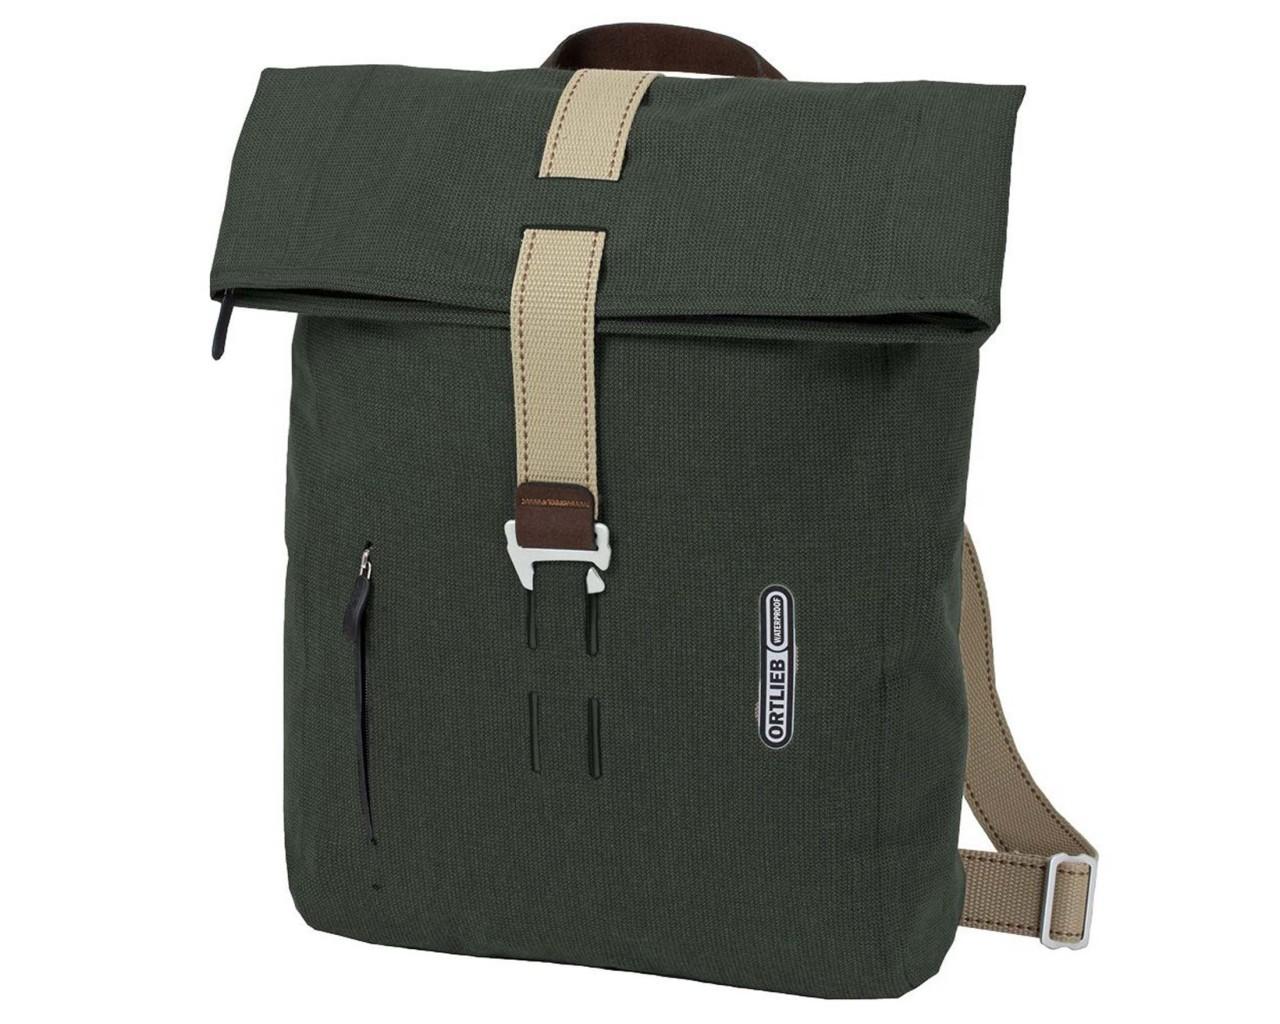 Ortlieb Urban Daypack Urban Line 20 litre waterproof backpack PVC-free | pine